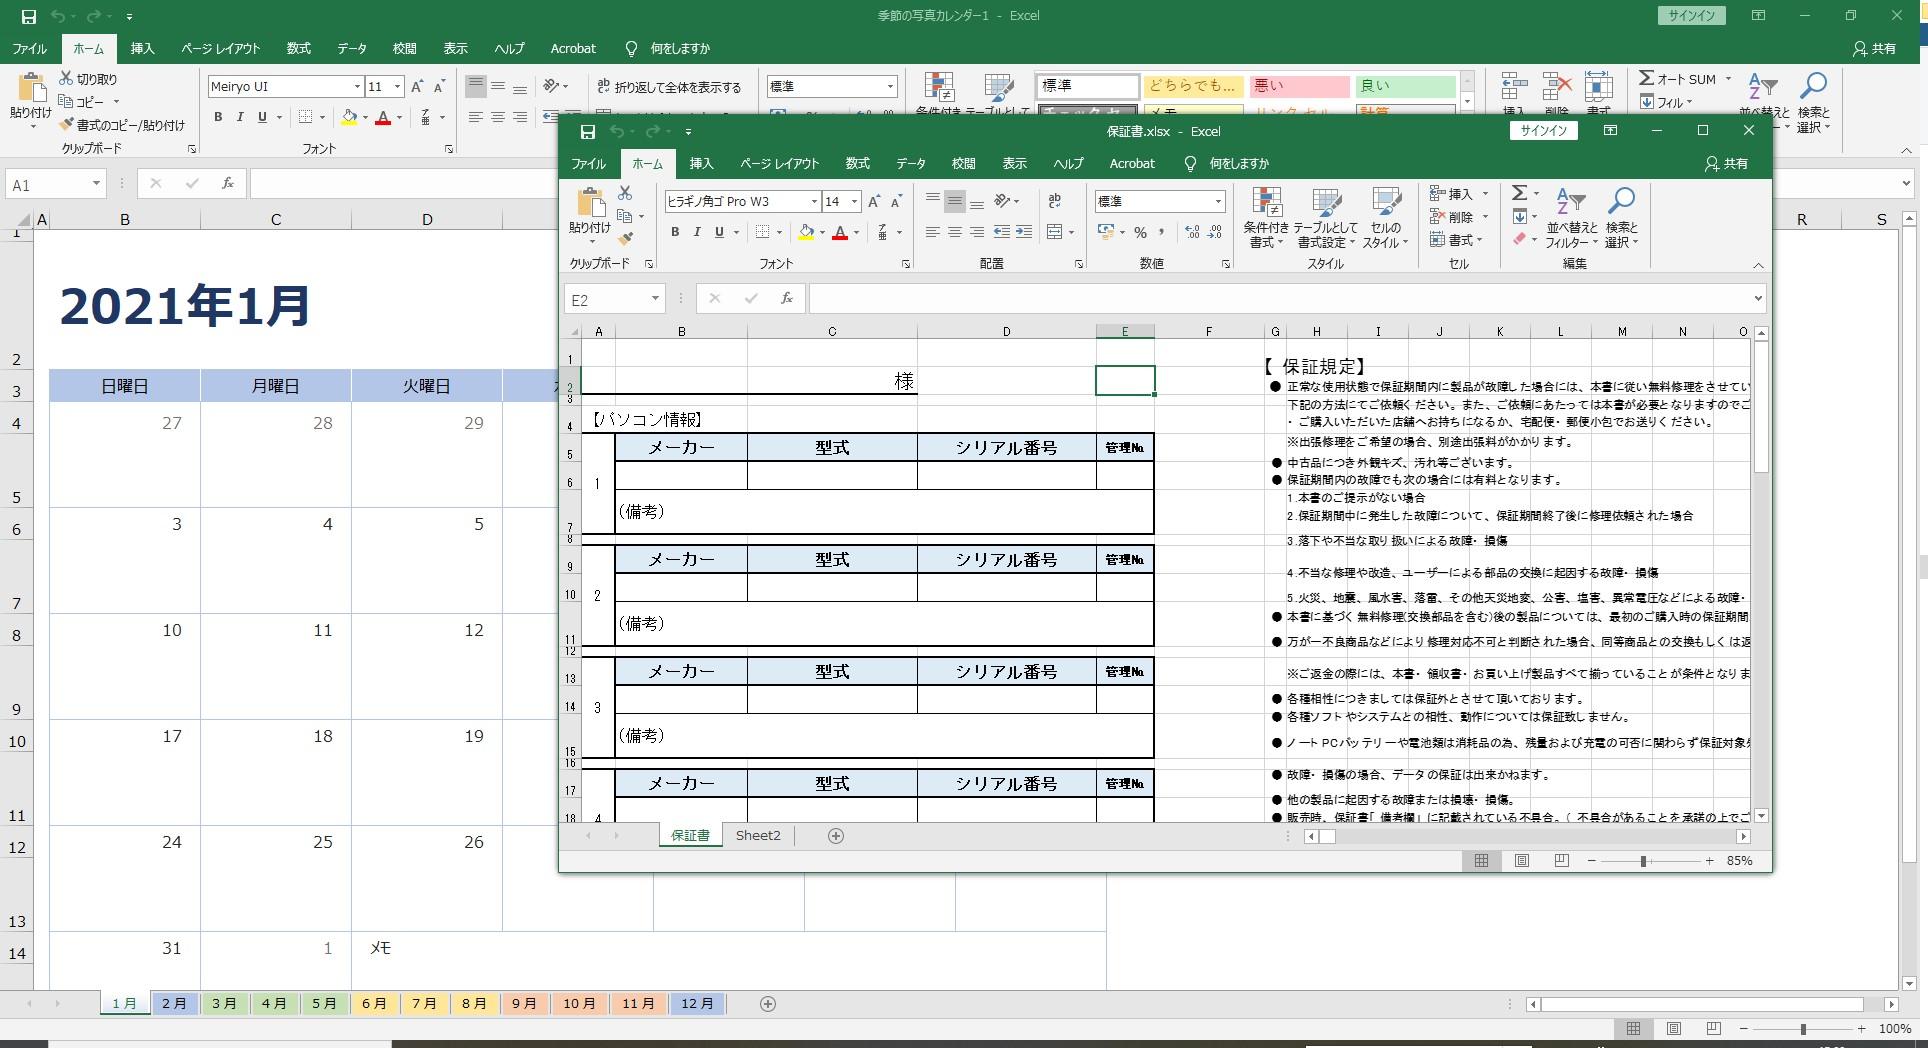 【Excelを2つ開く】エクセルを別ウィンドウで開く方法【エクセルを見比べる方法】